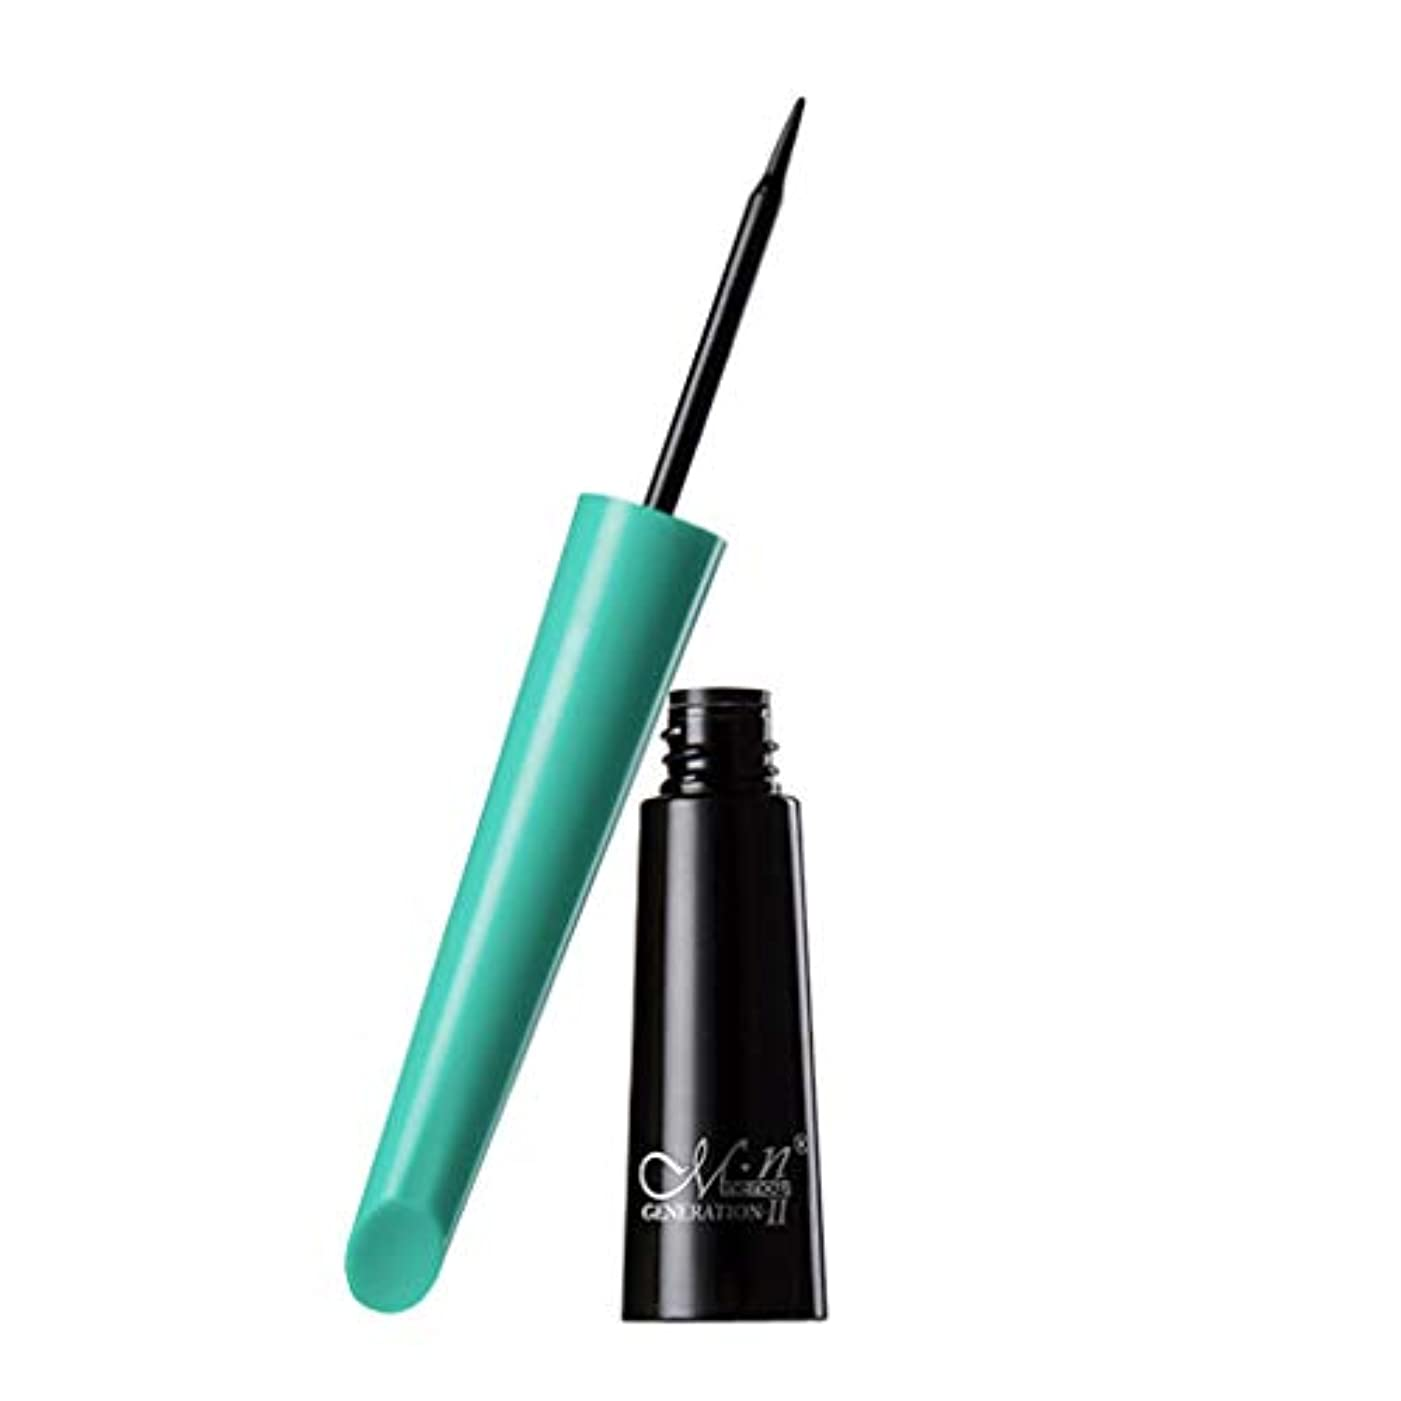 幻影おなかがすいたチラチラする女性Menow防水美容メイクアップ化粧品ブラックリキッドアイライナーペン